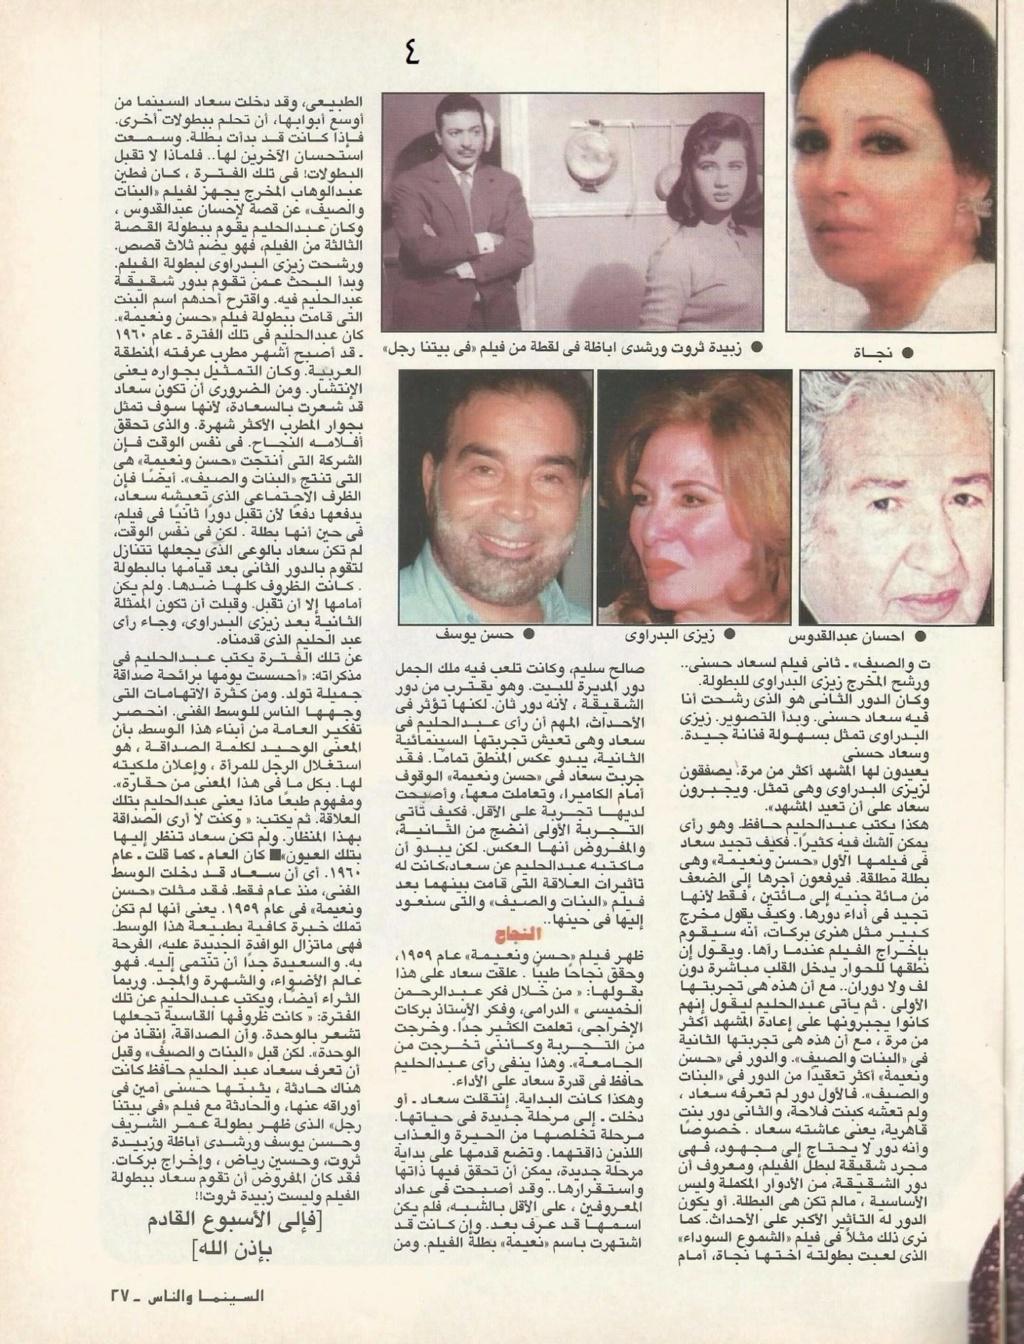 مقال صحفي : سعاد تتزوج .. حتى تقوم ببطولة حسن ونعيمة !! 2001 م 4110